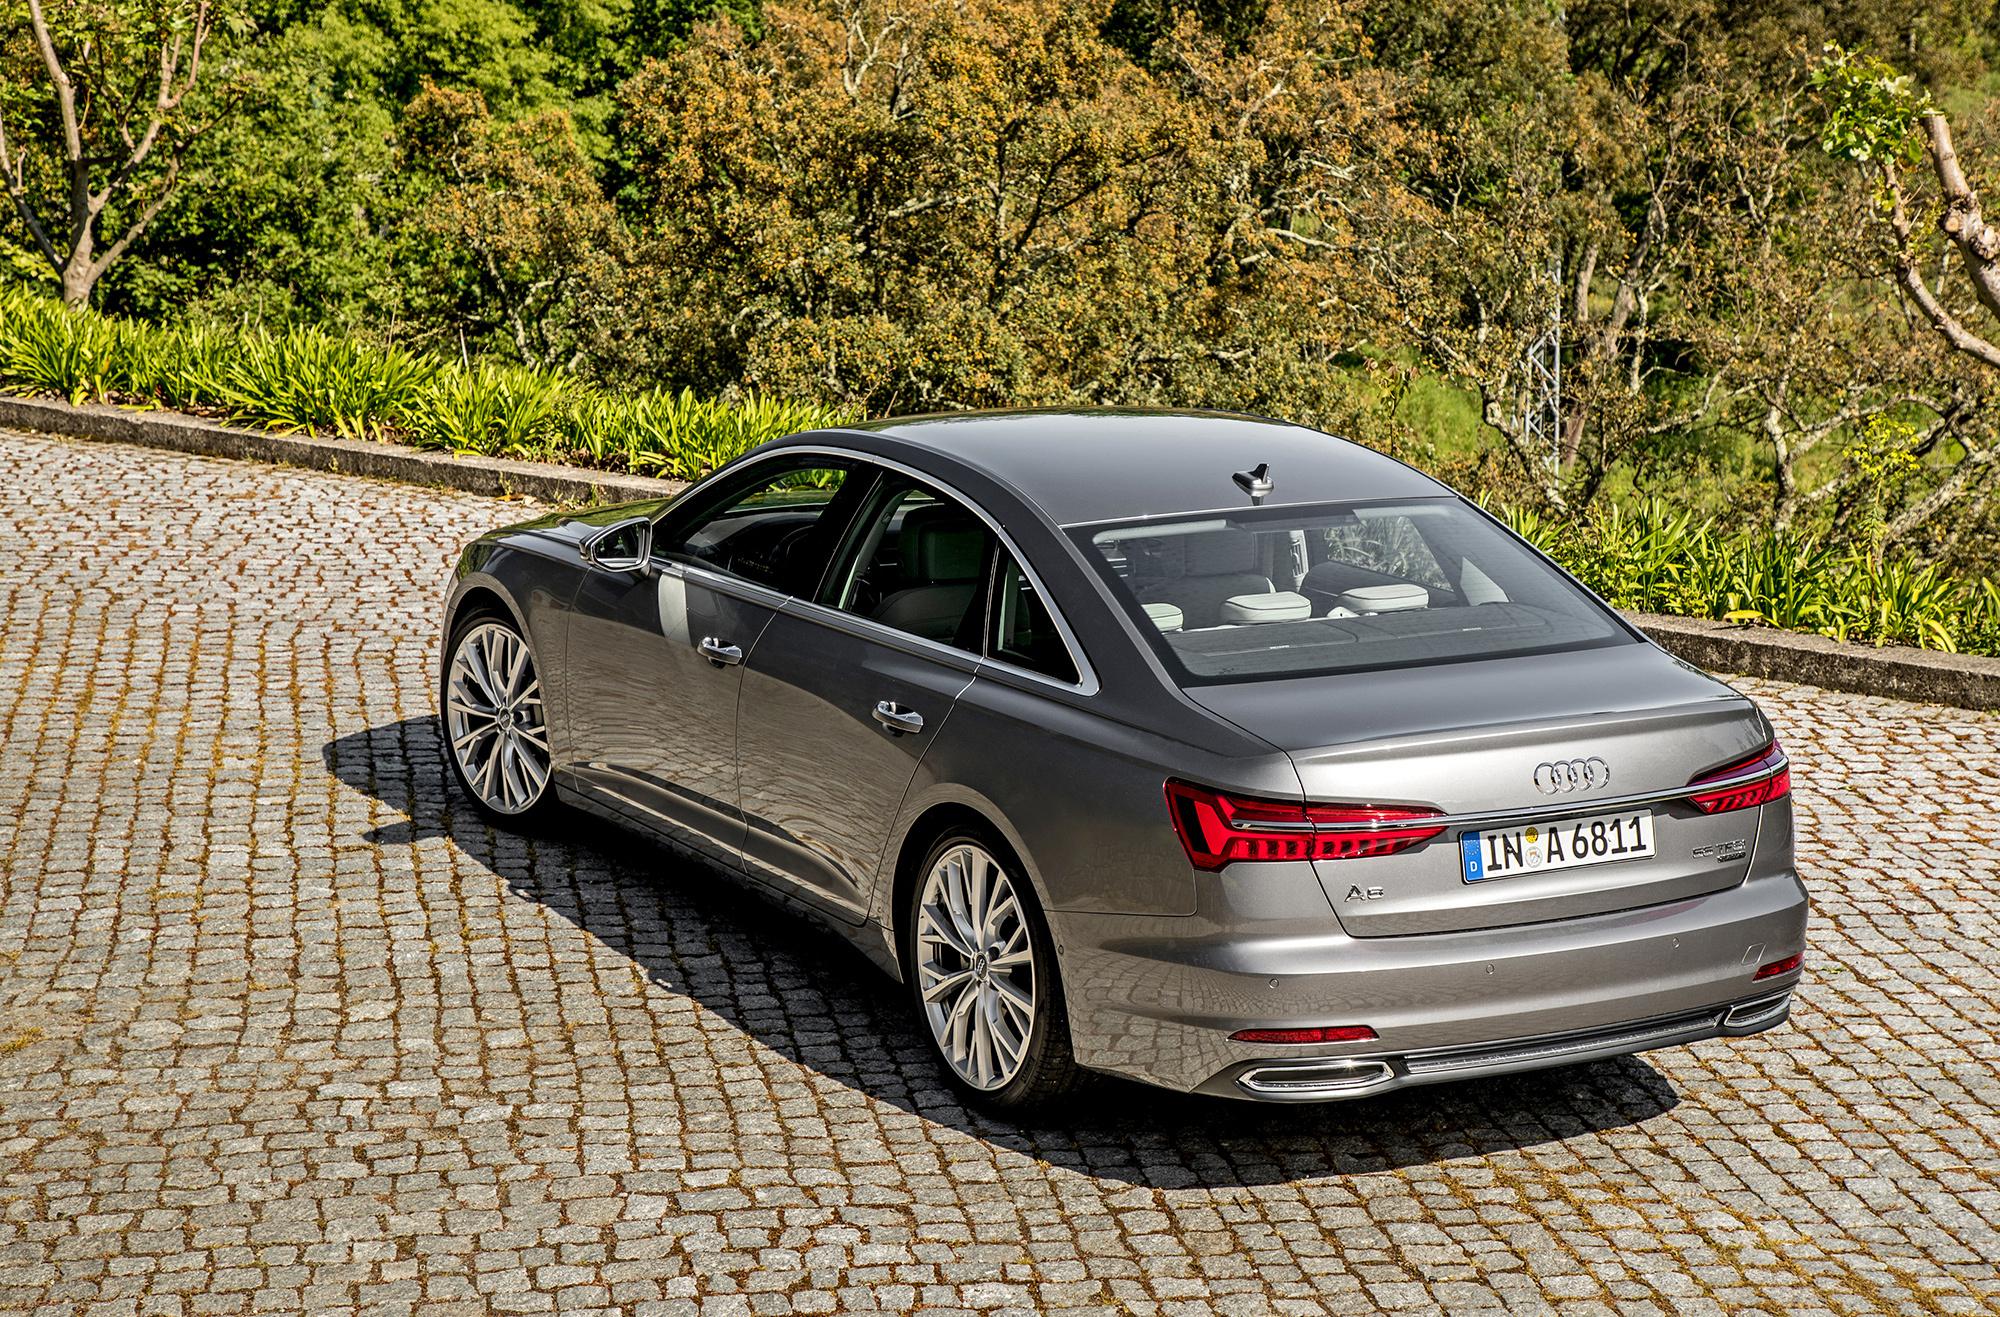 Audi A6 в 2017 году станет еще элегантнее